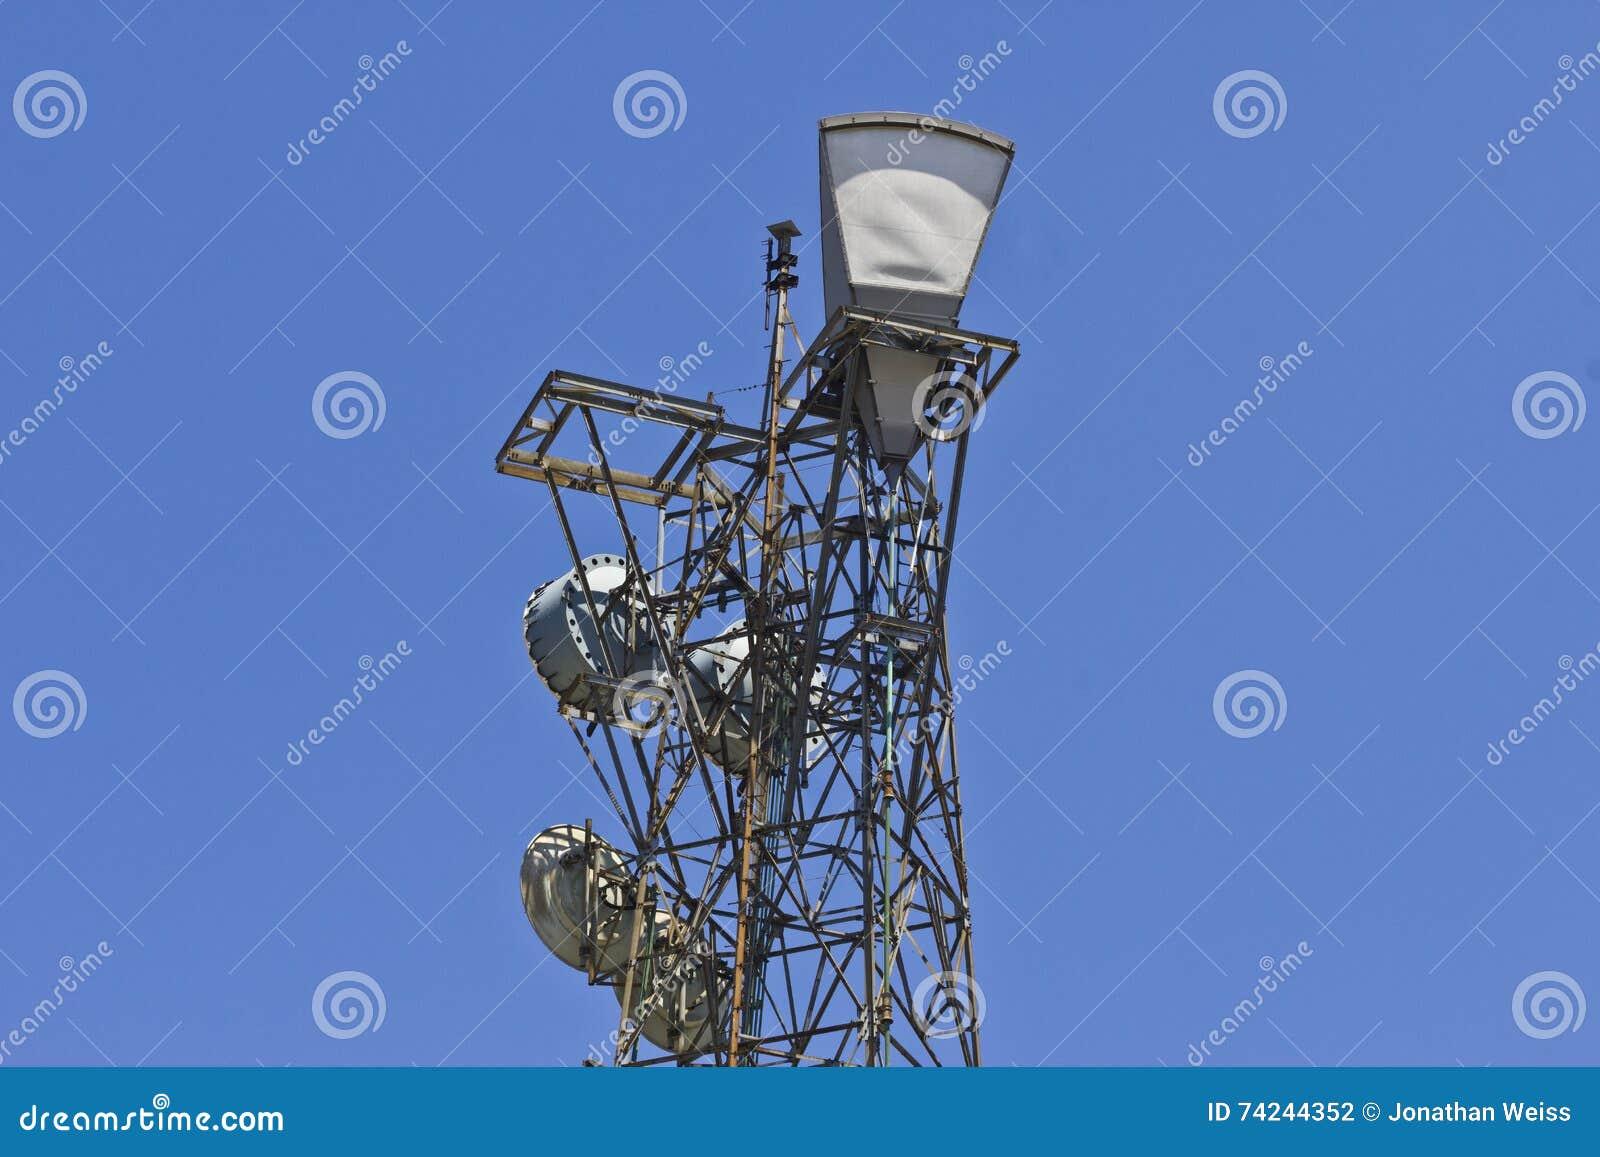 Vermächtnis-Mikrowellen-Turm benutzt, um Telekommunikations-relative Satznummern zu verbinden II